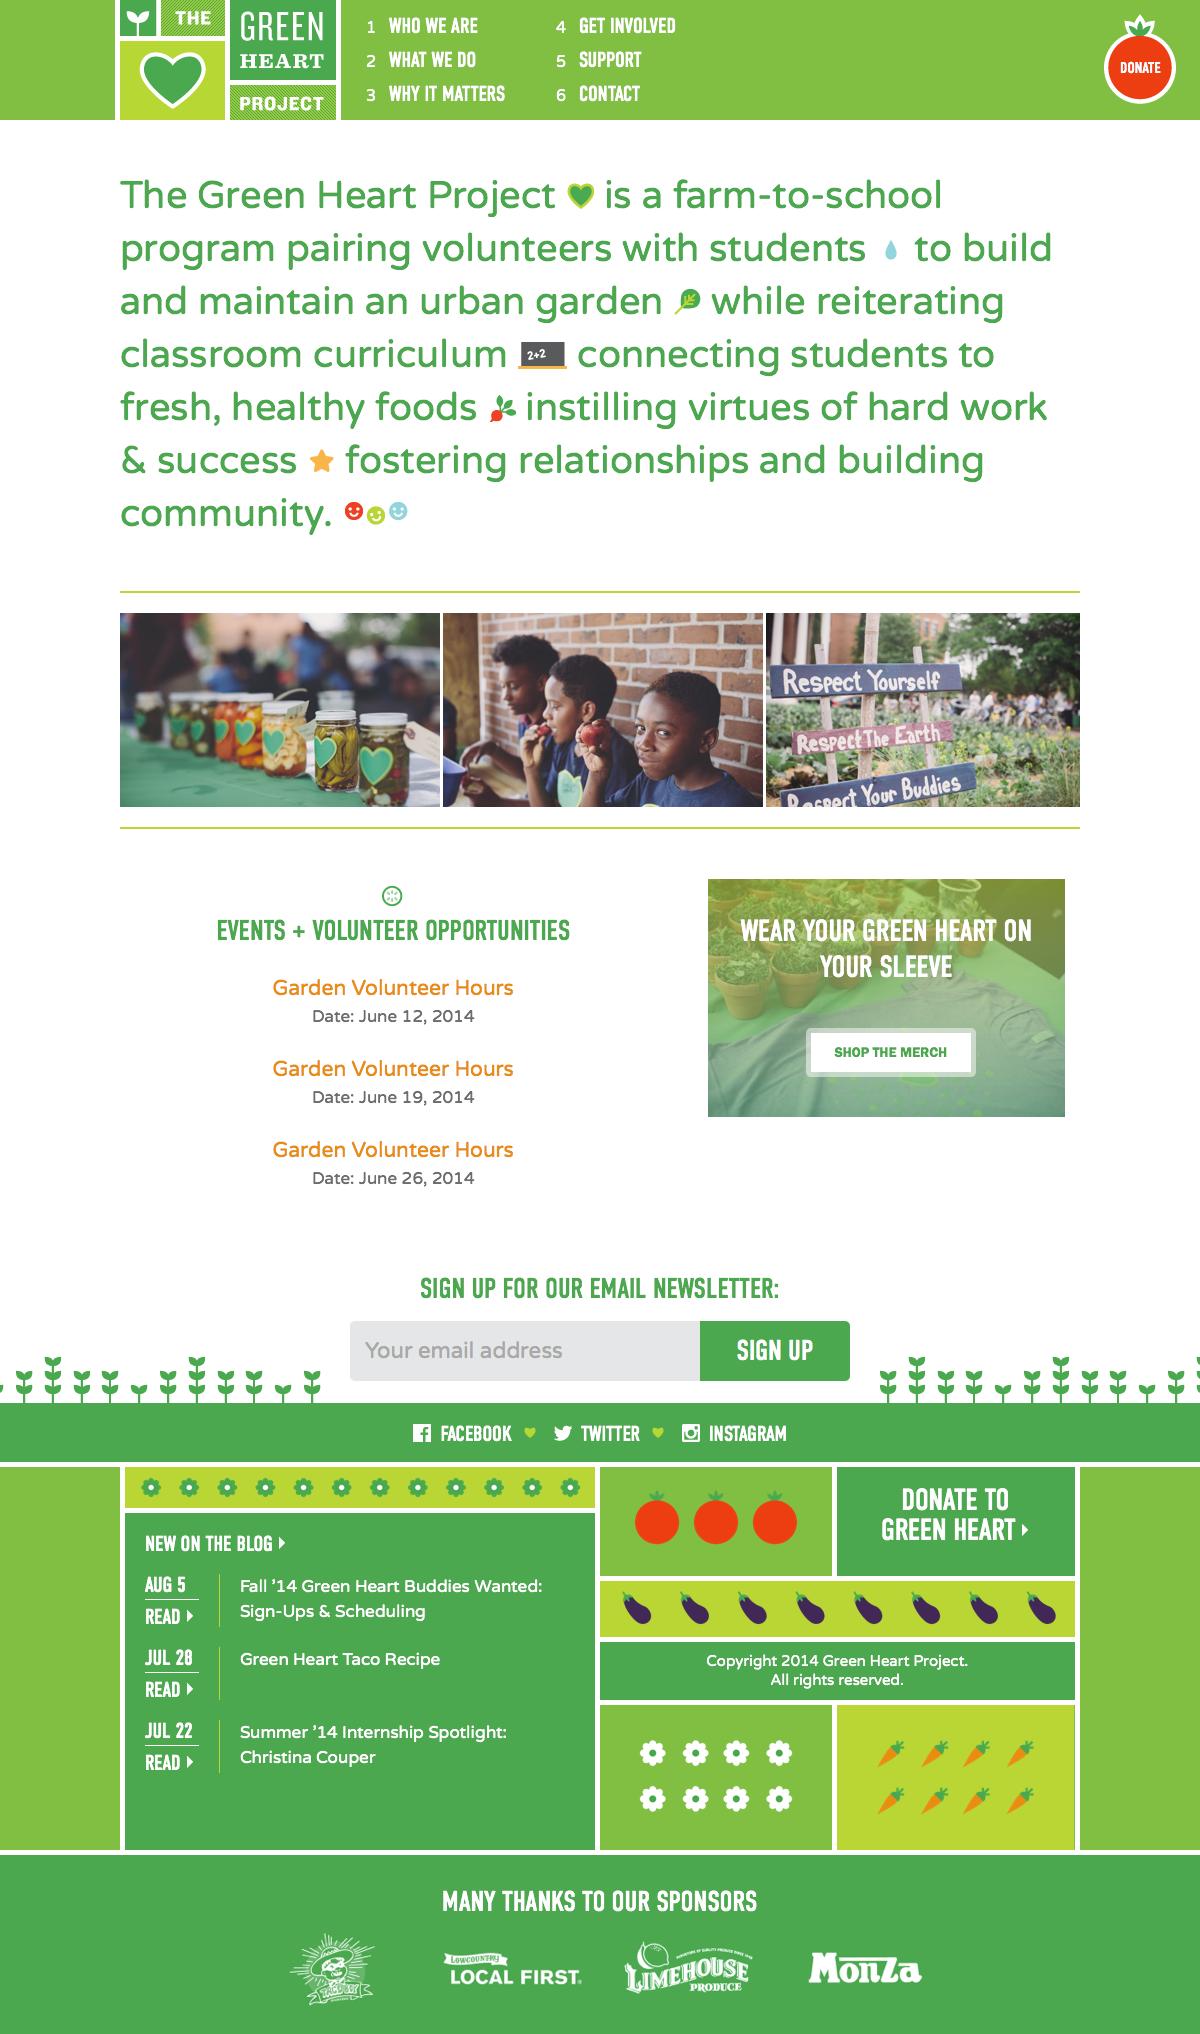 A screenshot of The Green Heart Project website